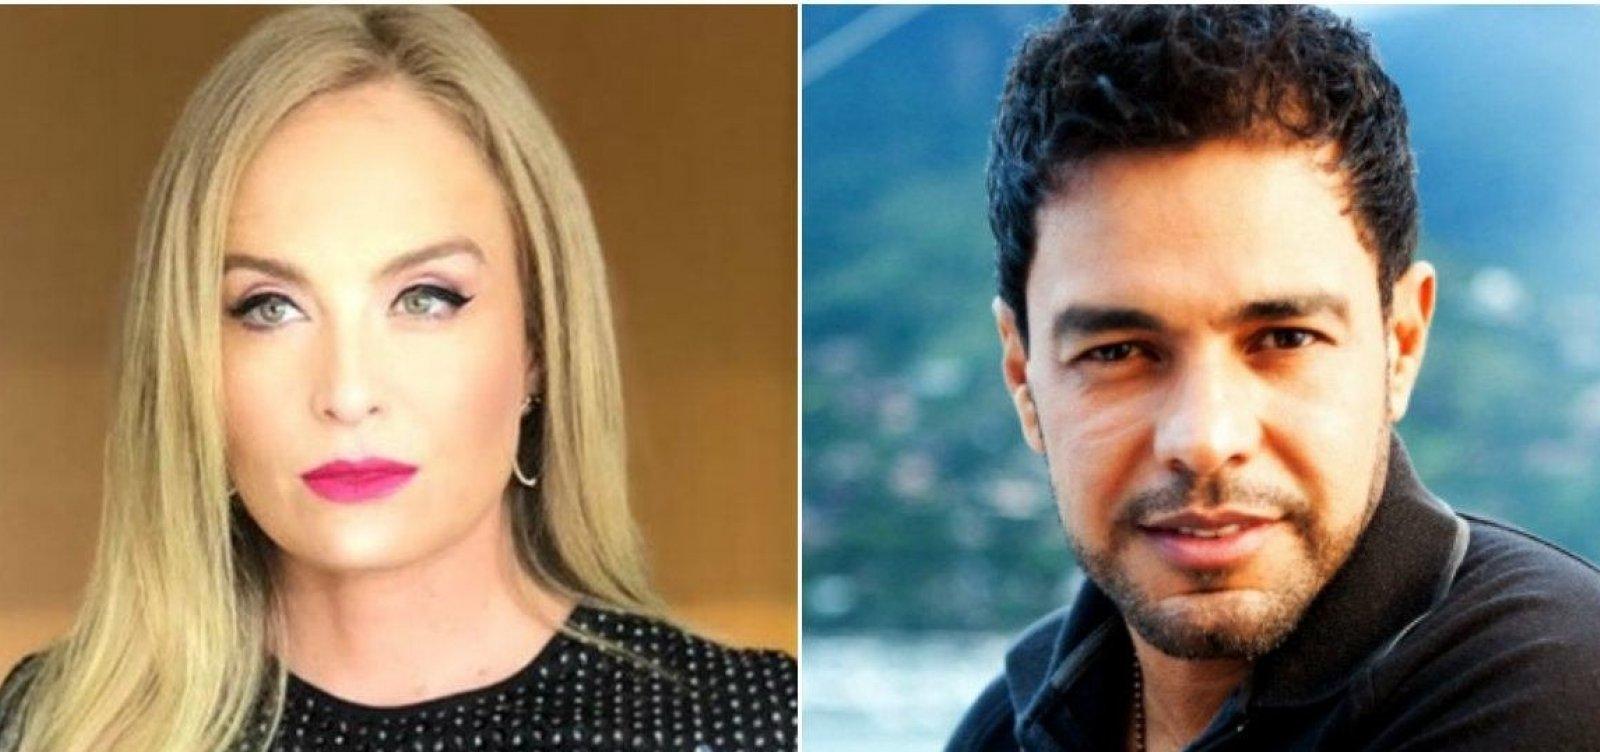 [Angélica e Zezé di Camargo desmentem Leão Lobo sobre suposto caso: 'Irresponsável']